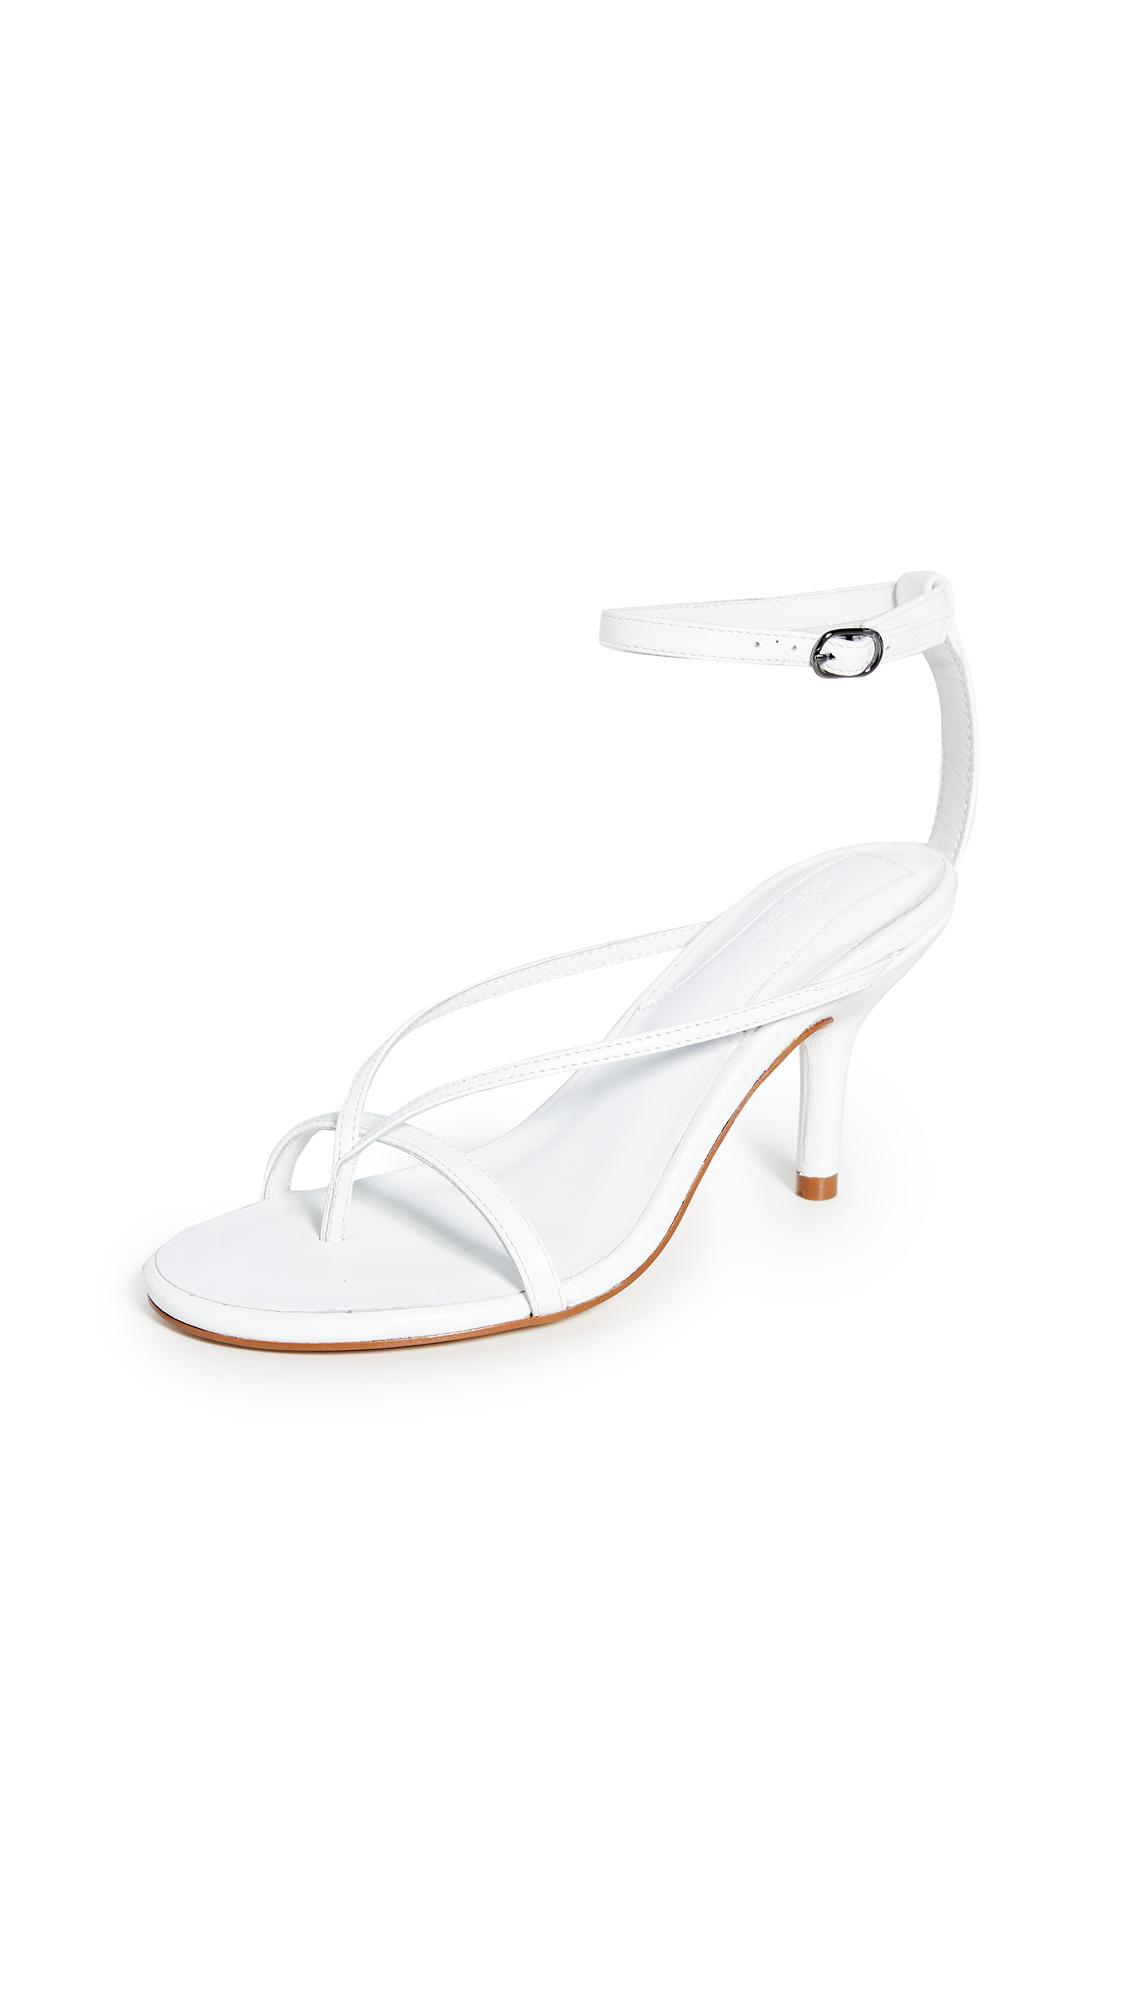 Buy JAGGAR Rein Sandals online, shop JAGGAR